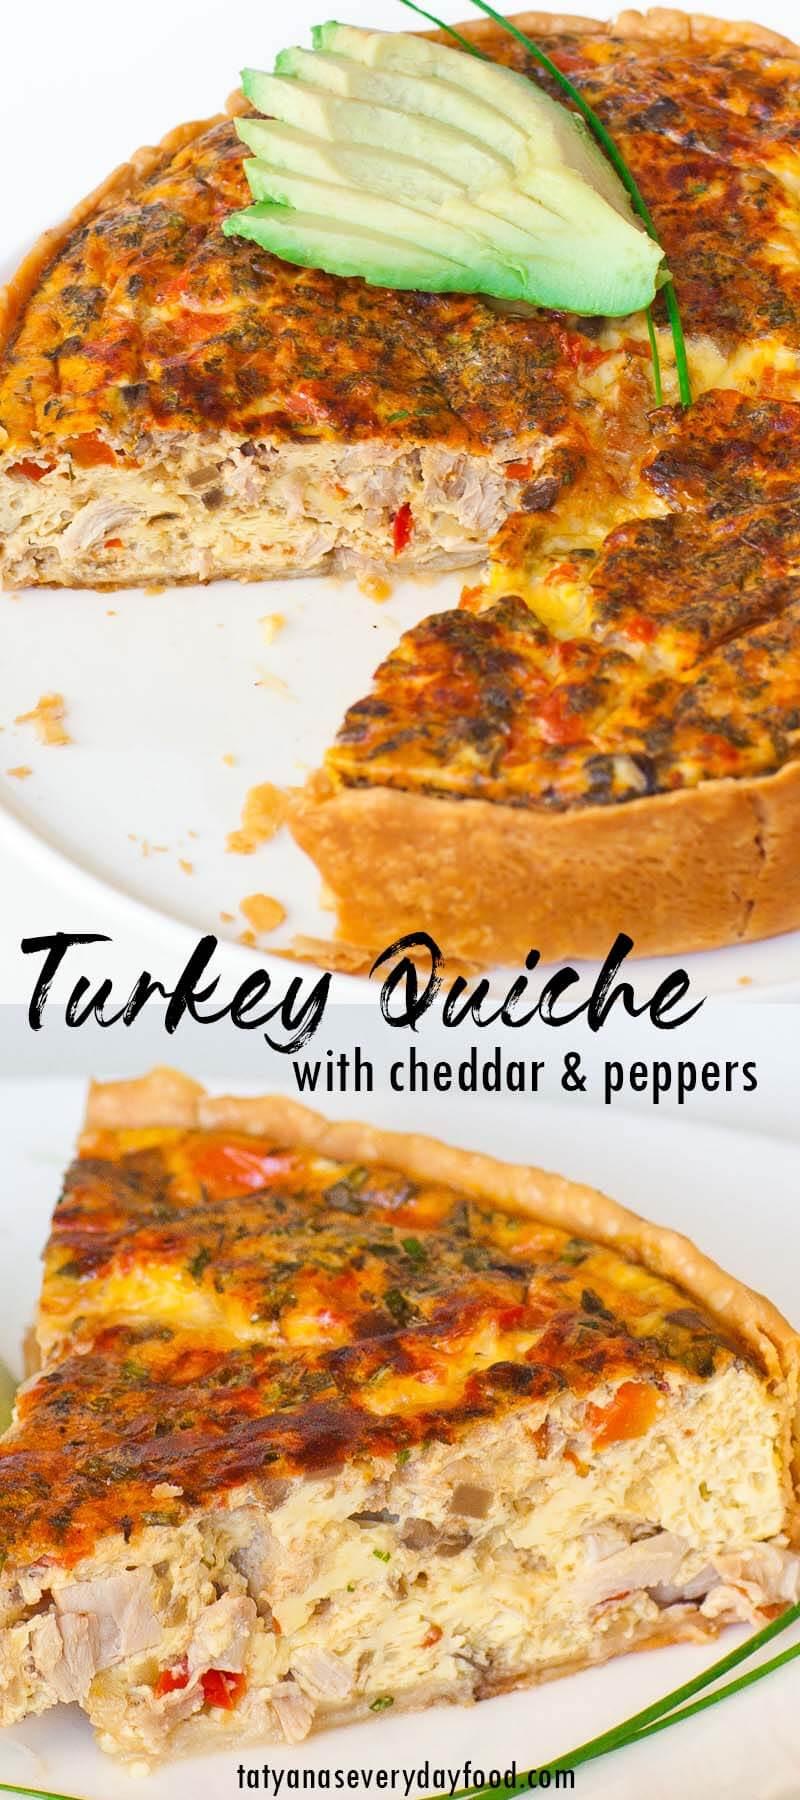 Cheddar Turkey Quiche video recipe